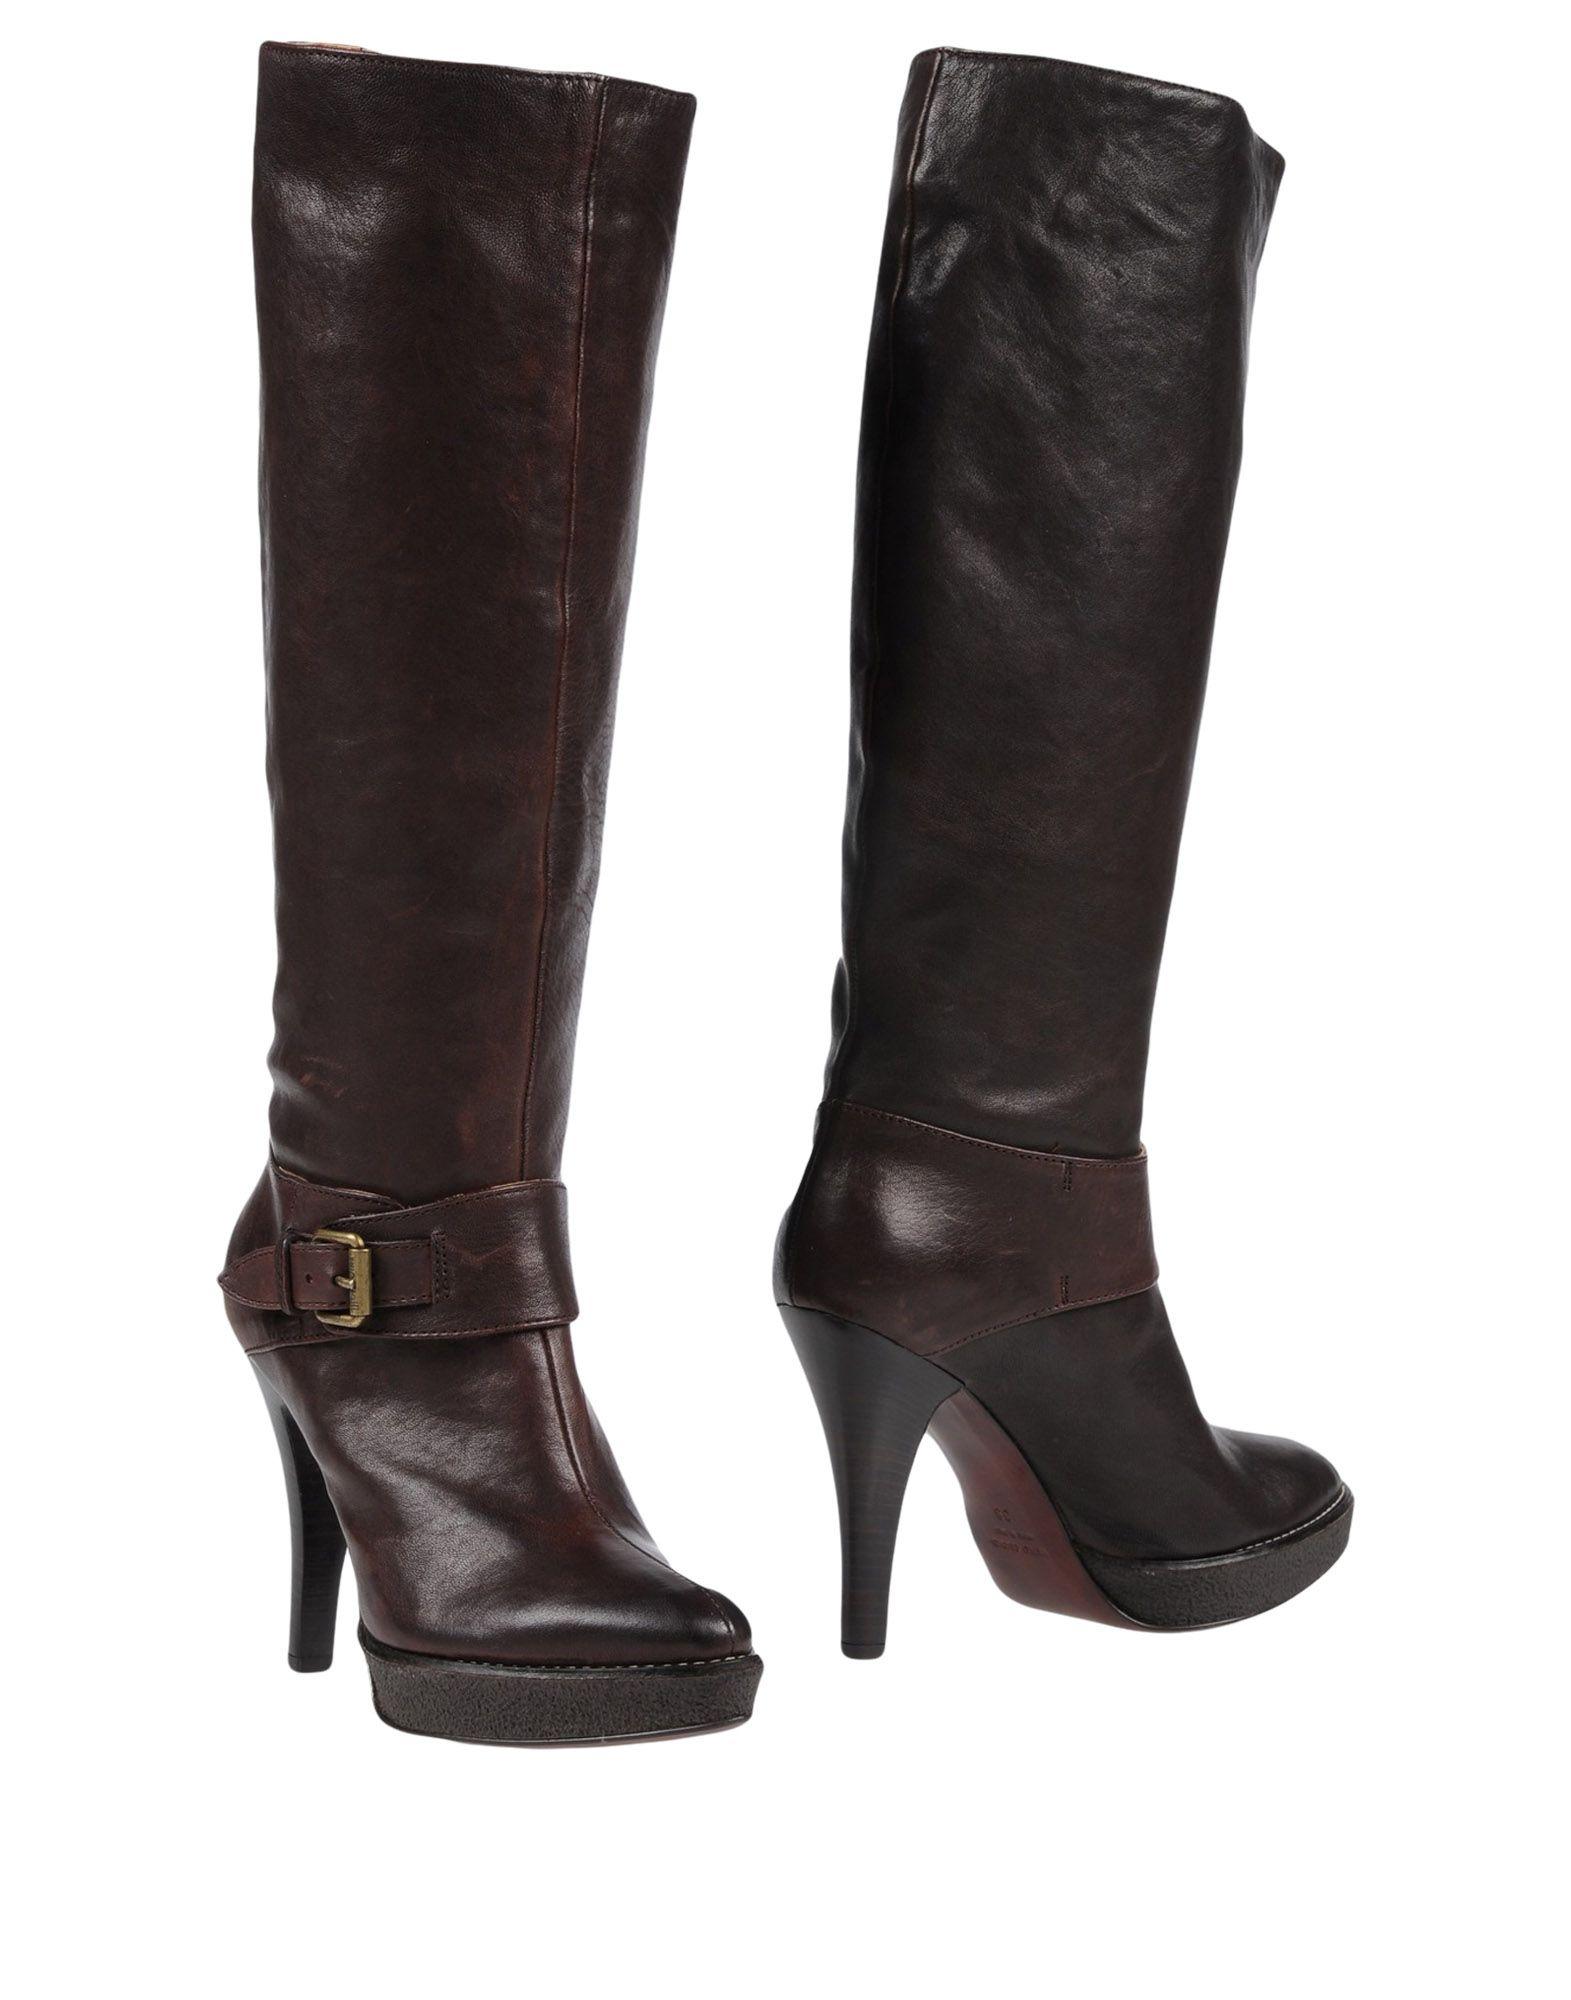 Just Cavalli Stiefel Damen  11450459TL Gute Qualität beliebte Schuhe